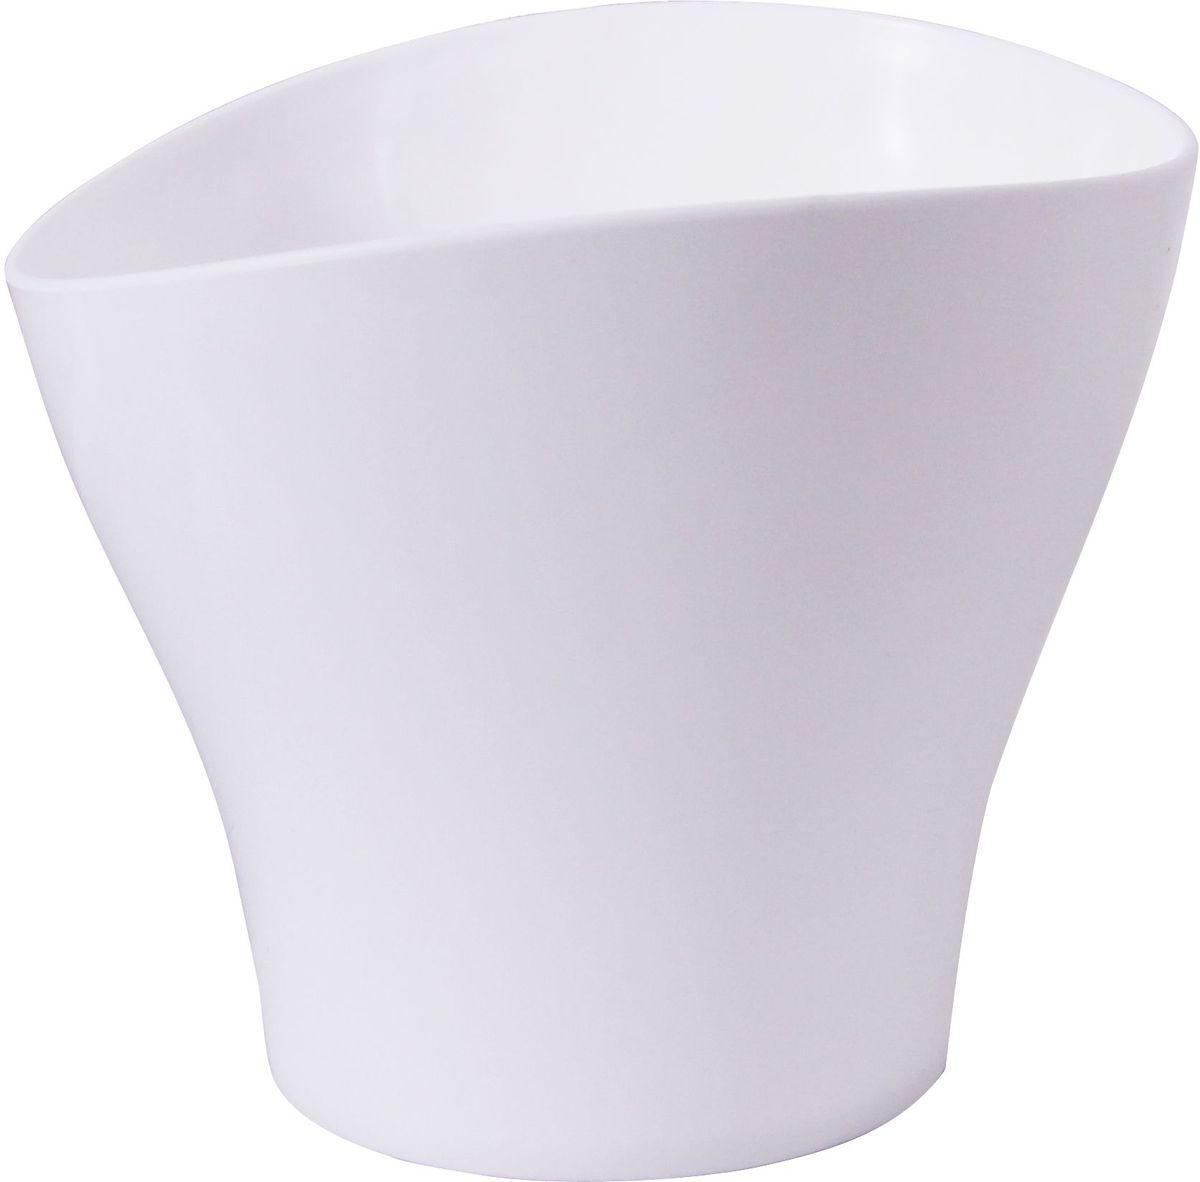 Кашпо Idea Волна, цвет: белый, 0,8 лМ 3102